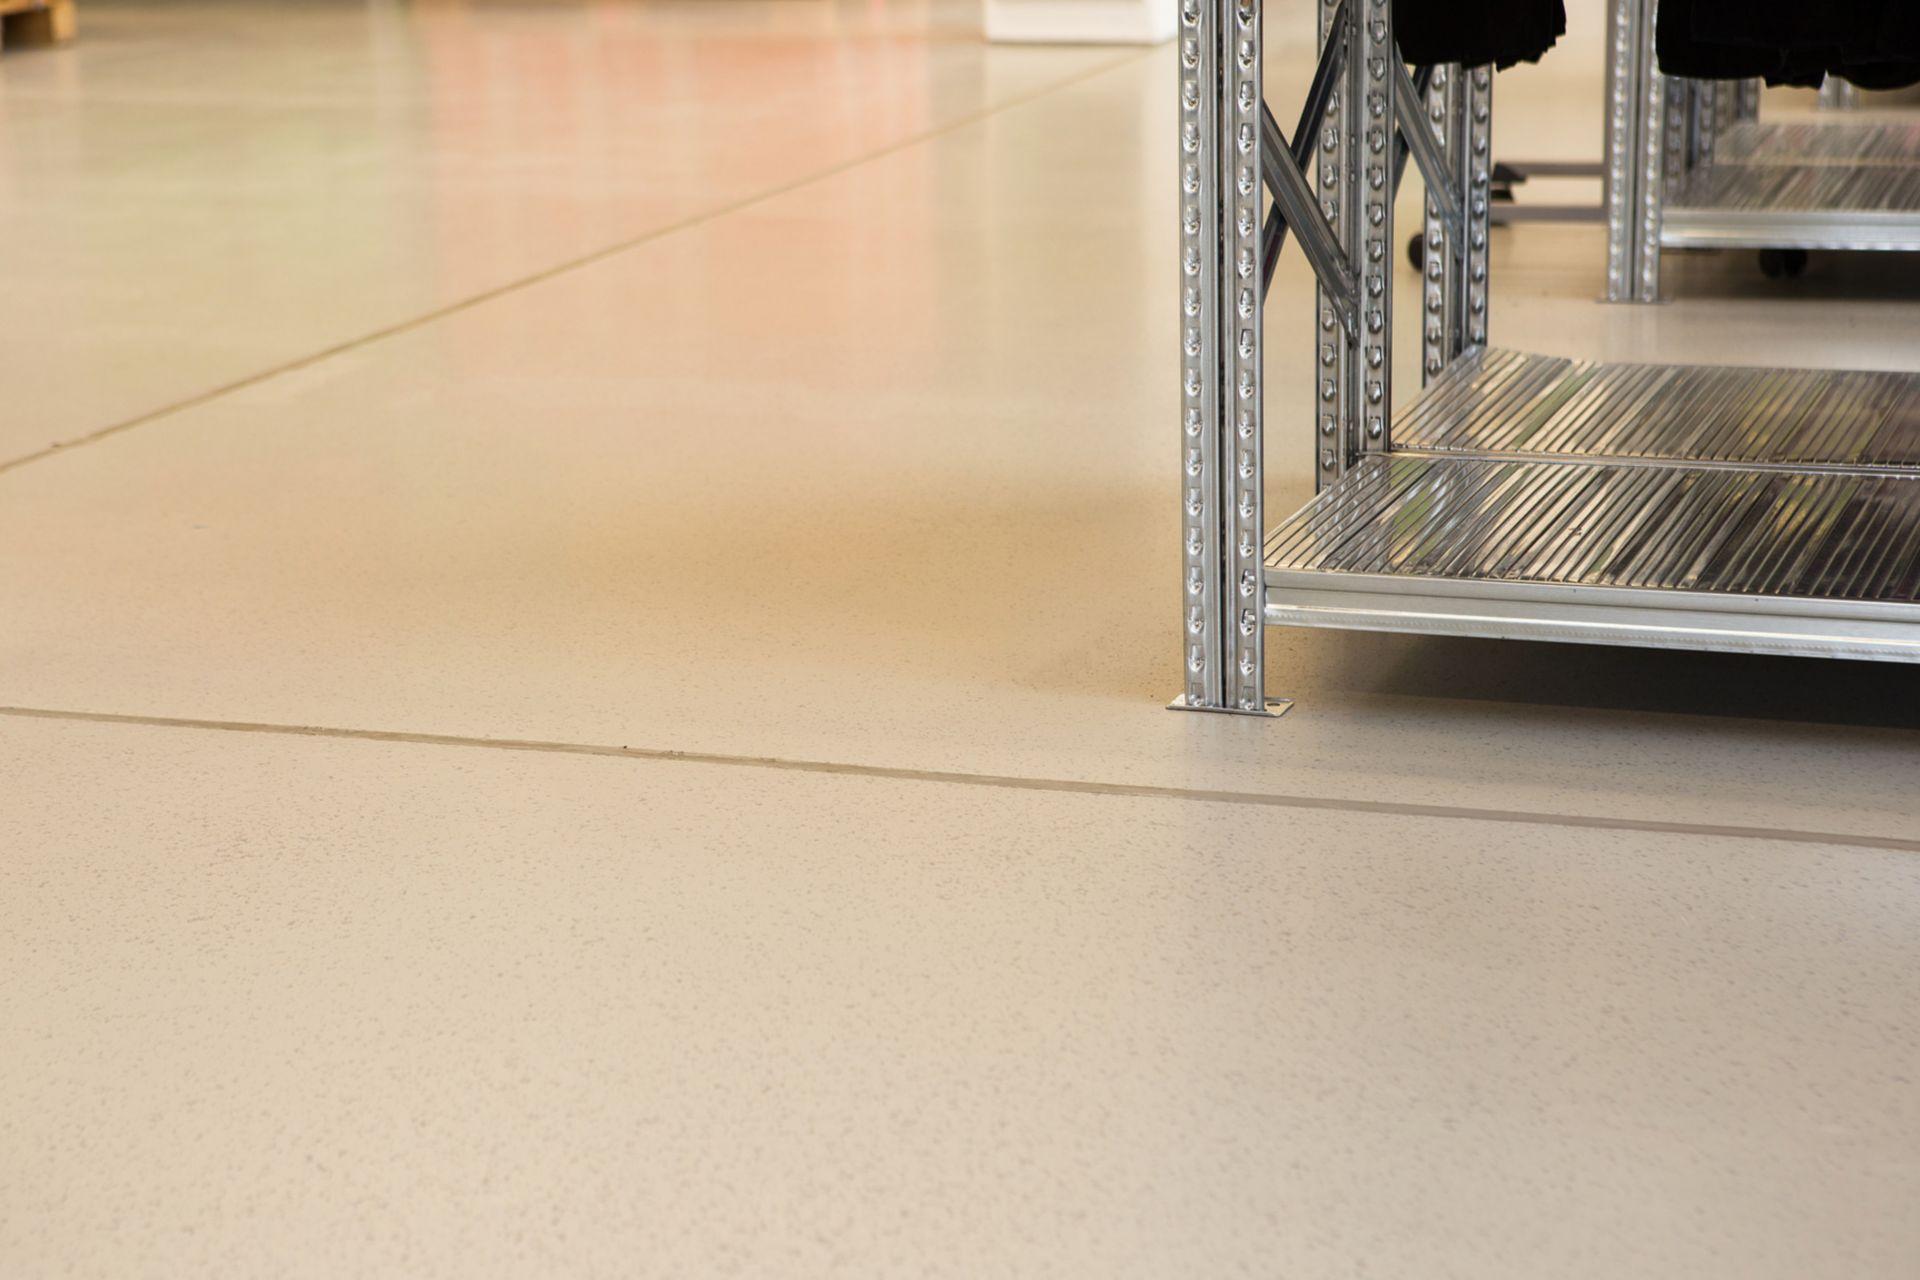 Sauber gearbeitete Fugen erleichtern die Reinigung